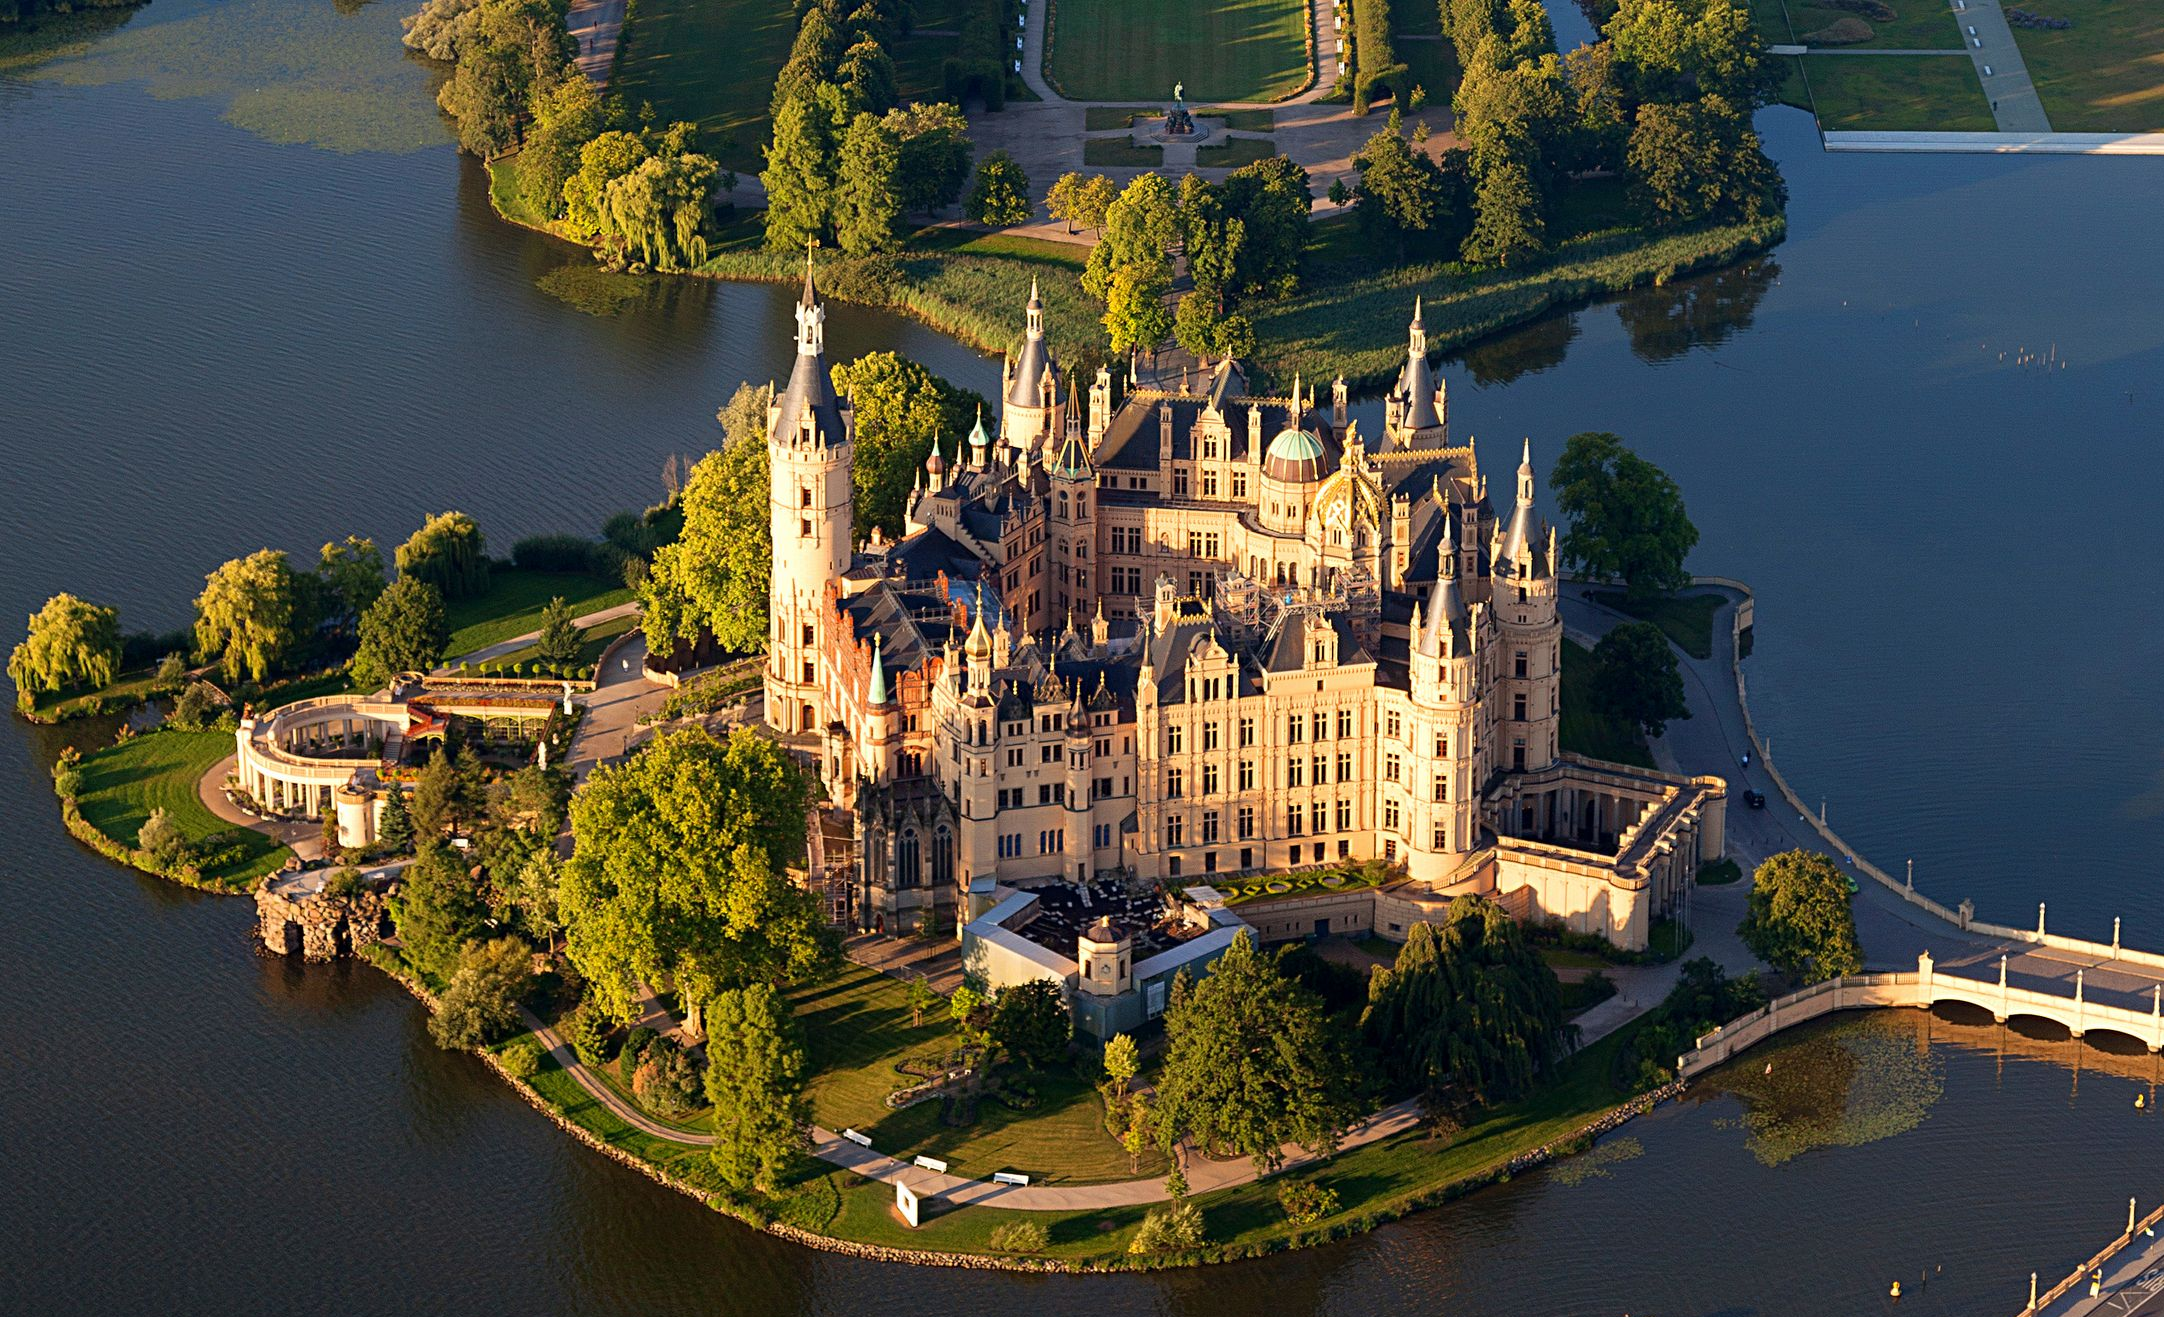 Schwerin_Castle_Aerial_View_Island_Luftbild_Schweriner_Schloss_Insel_See_%28cropped%29.jpg